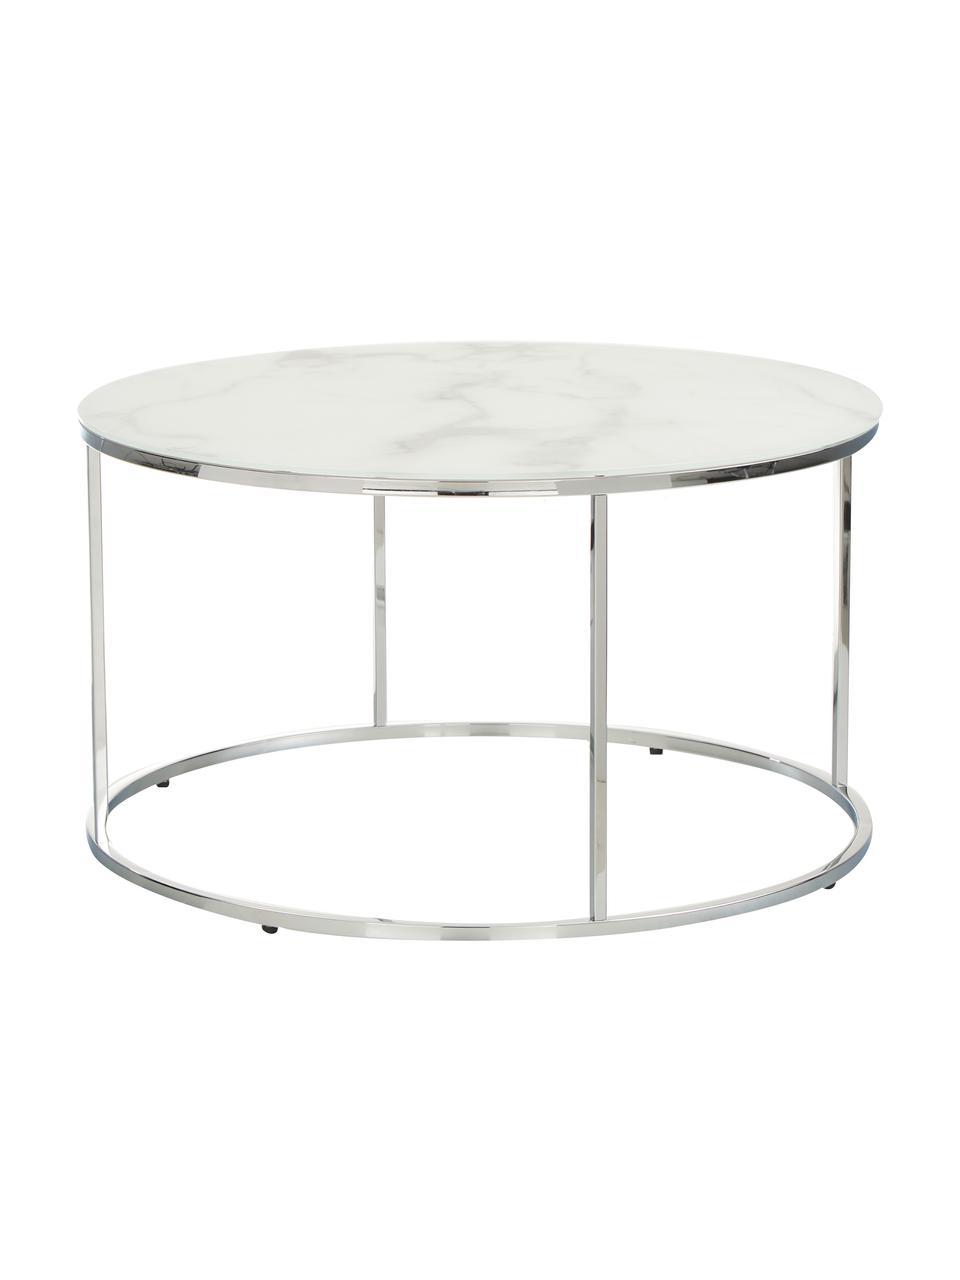 Table basse en verre marbré Antigua, Blanc-gris marbré, couleur argentée